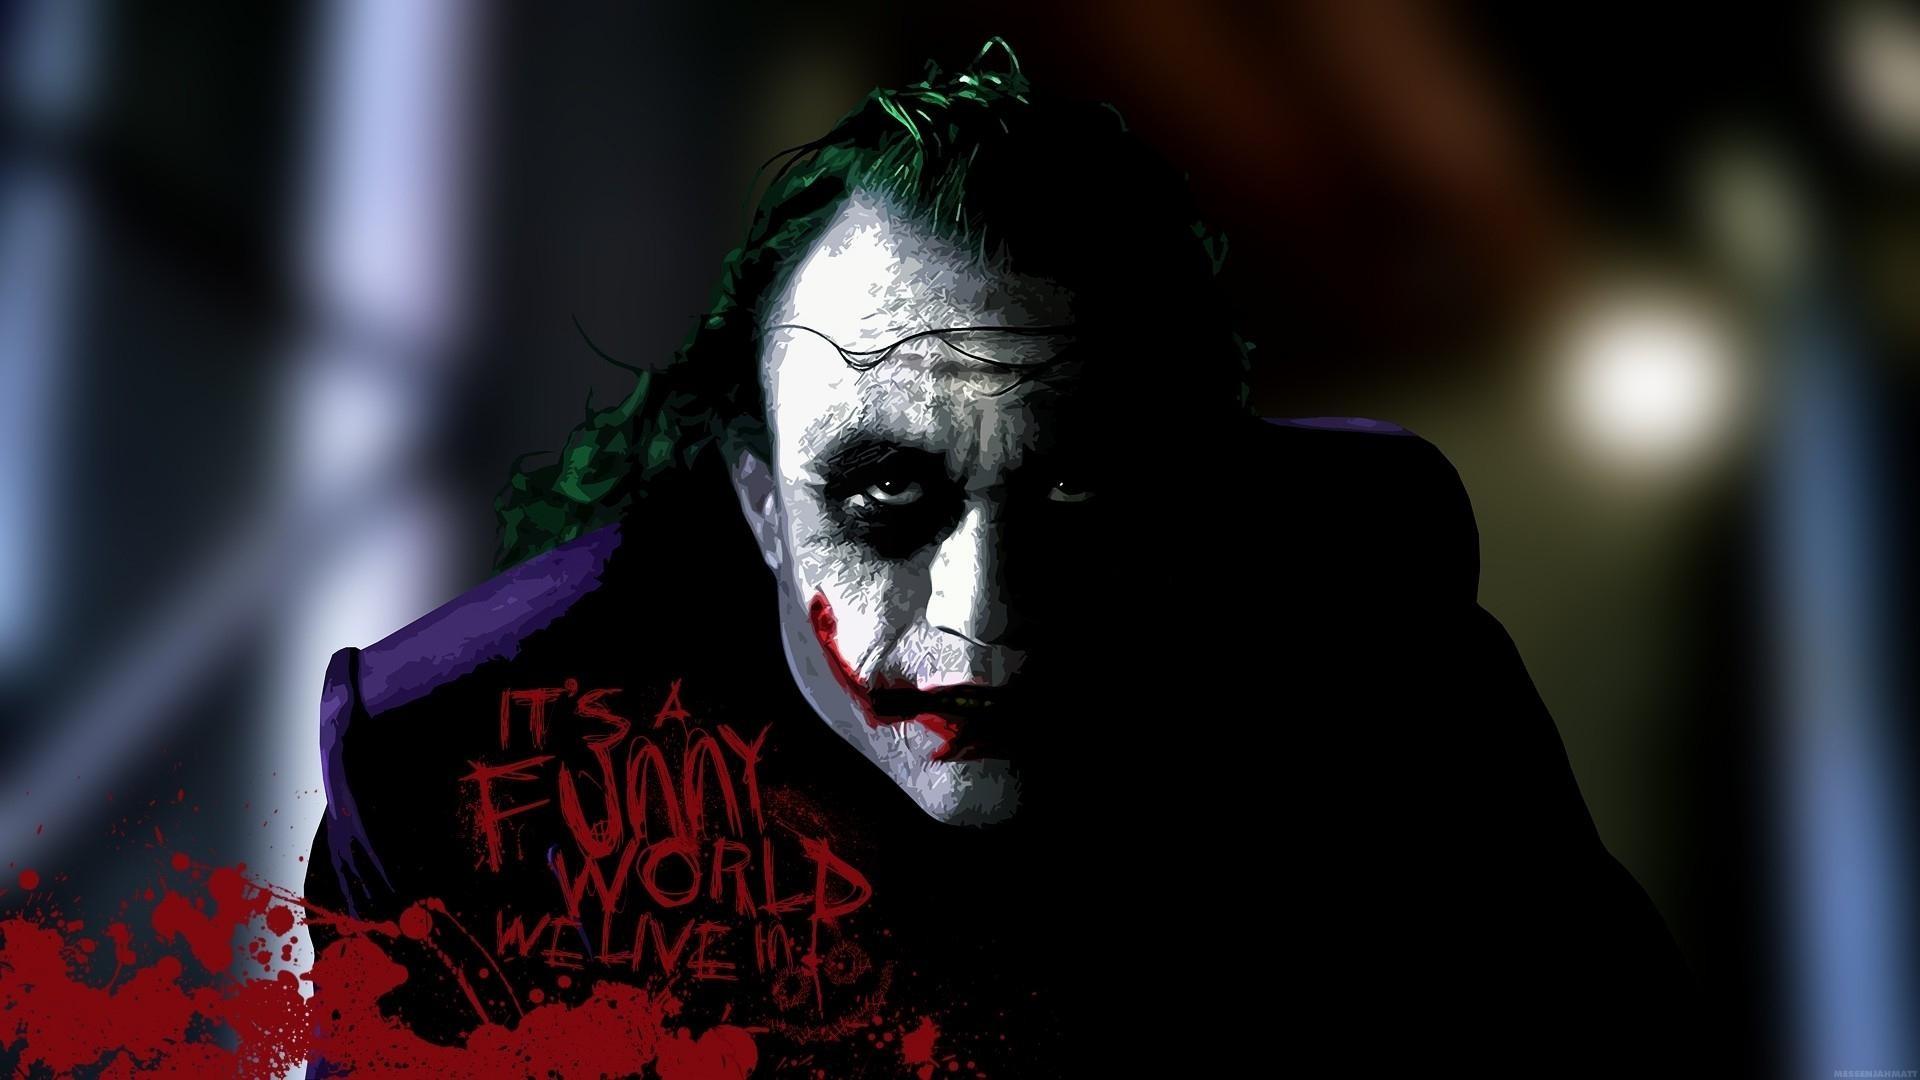 8 Joker Wallpaper High Resolution Download3 600×338